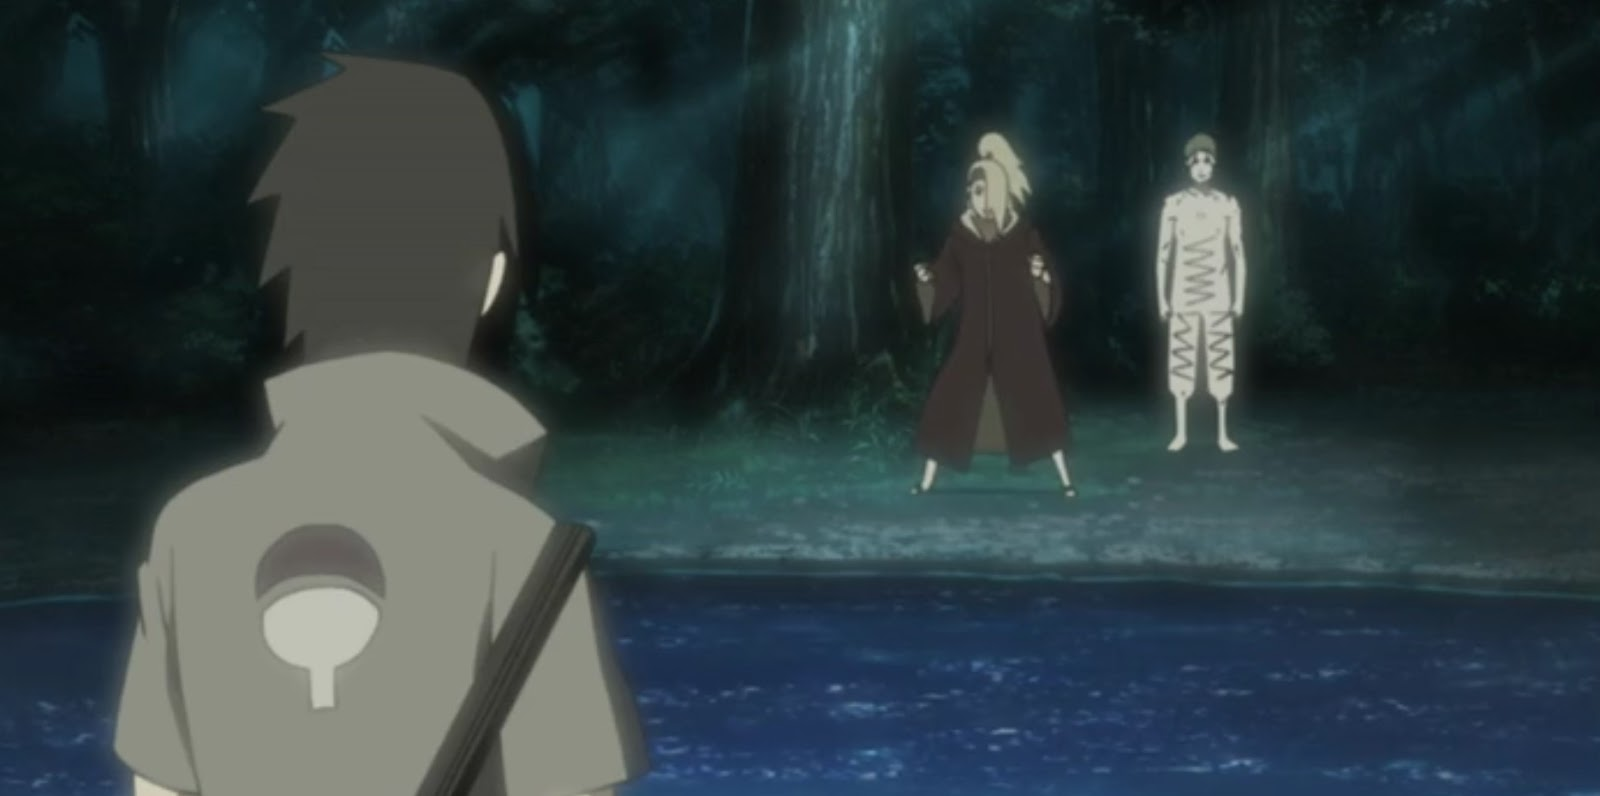 Naruto Shippuden Episódio 280, Assistir Naruto Shippuden Episódio 280, Assistir Naruto Shippuden Todos os Episódios Legendado, Naruto Shippuden episódio 280,HD